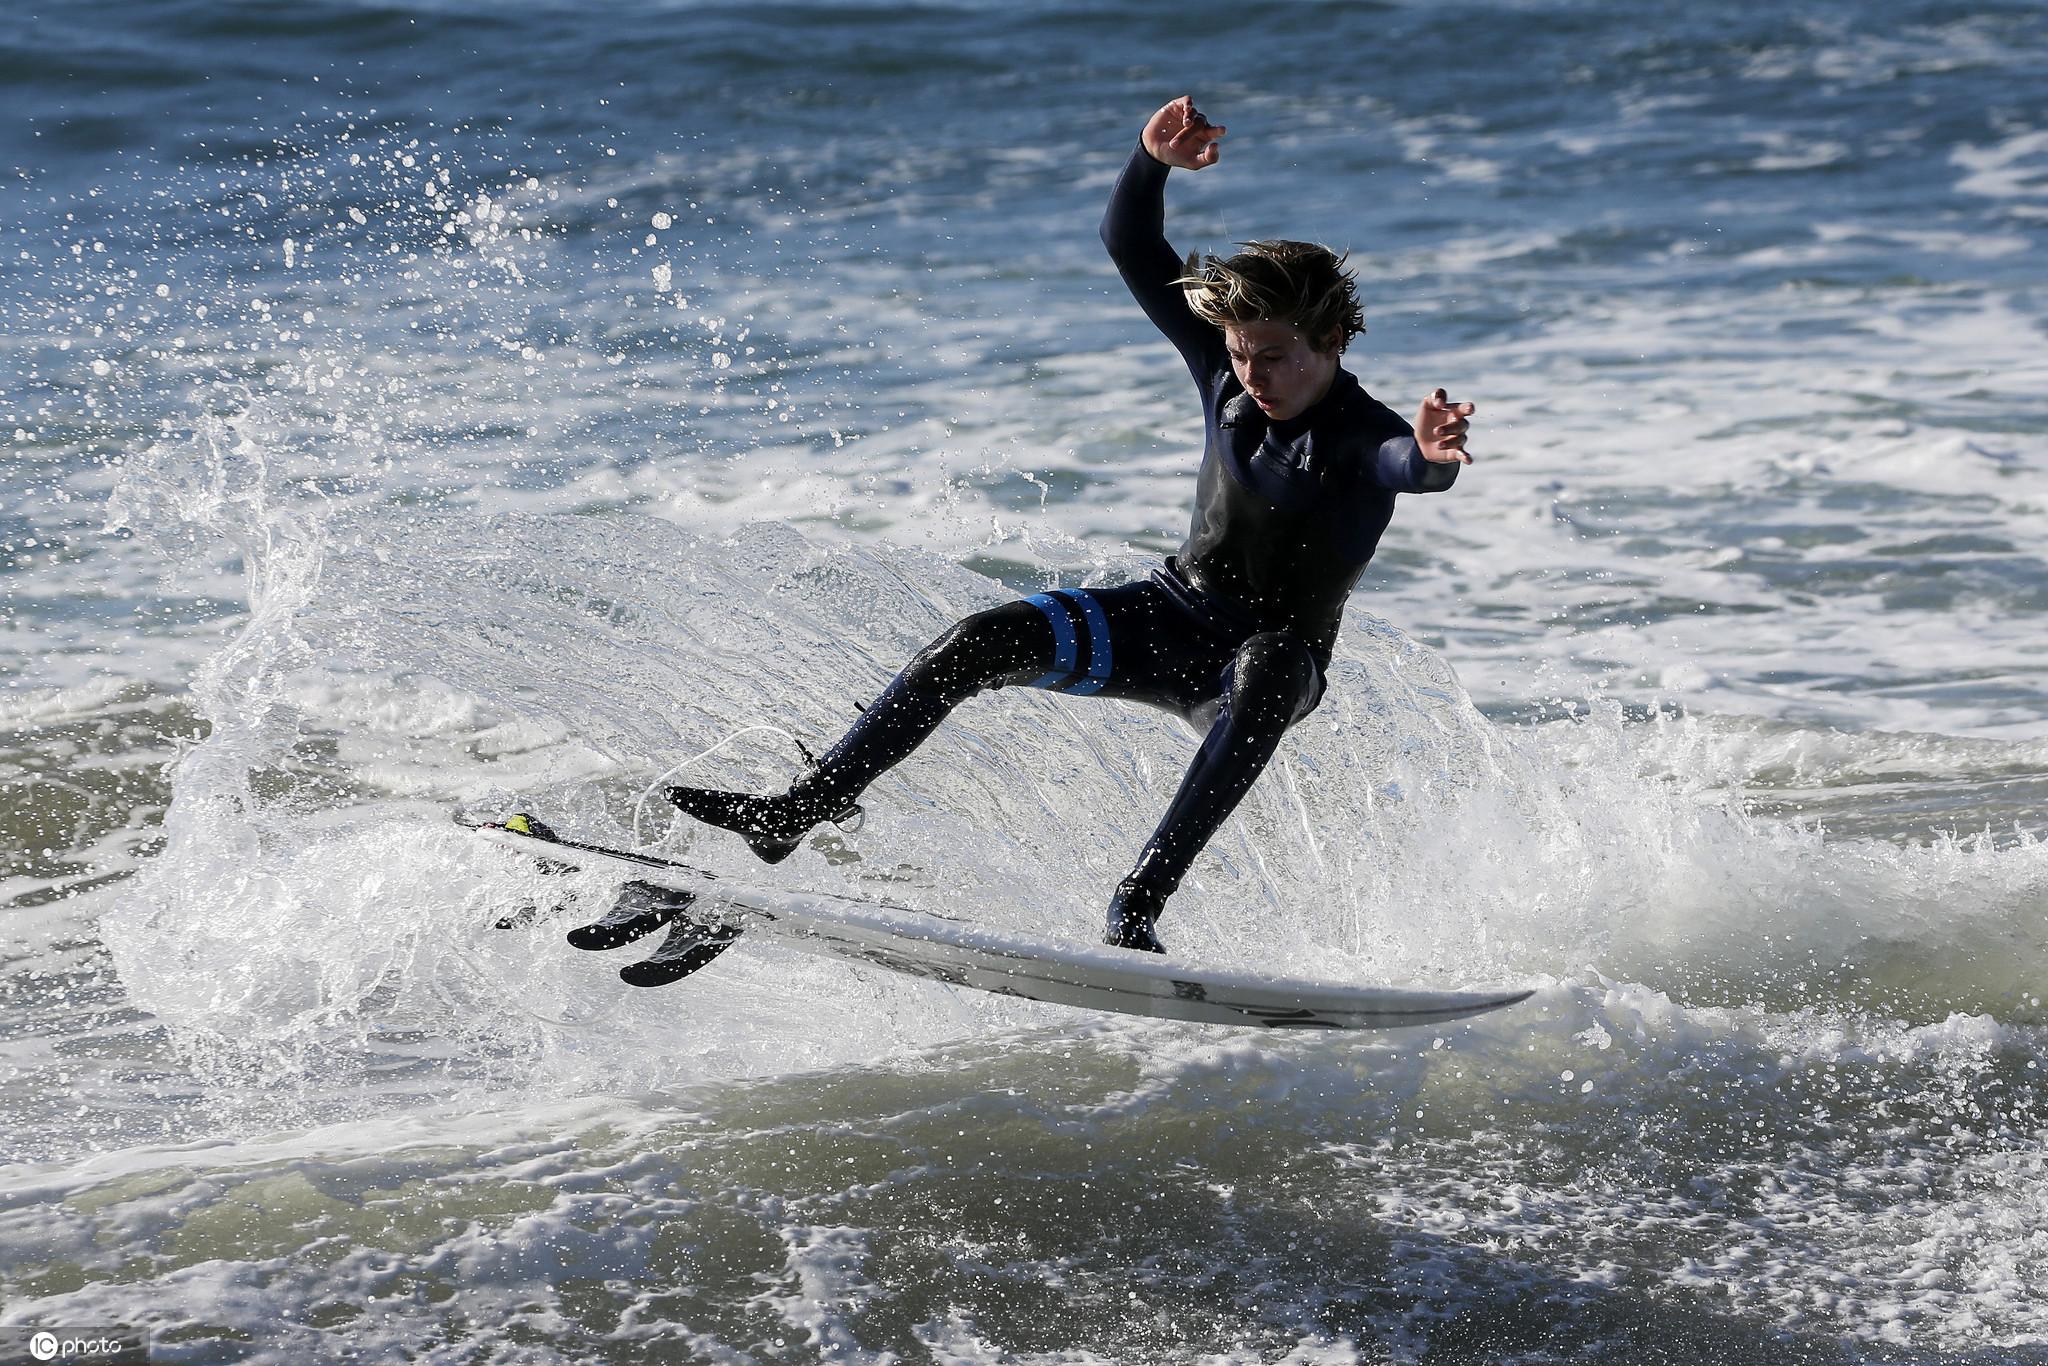 超級大潮侵襲美國加州海岸 沖浪者與巨浪勇敢搏鬥-圖7